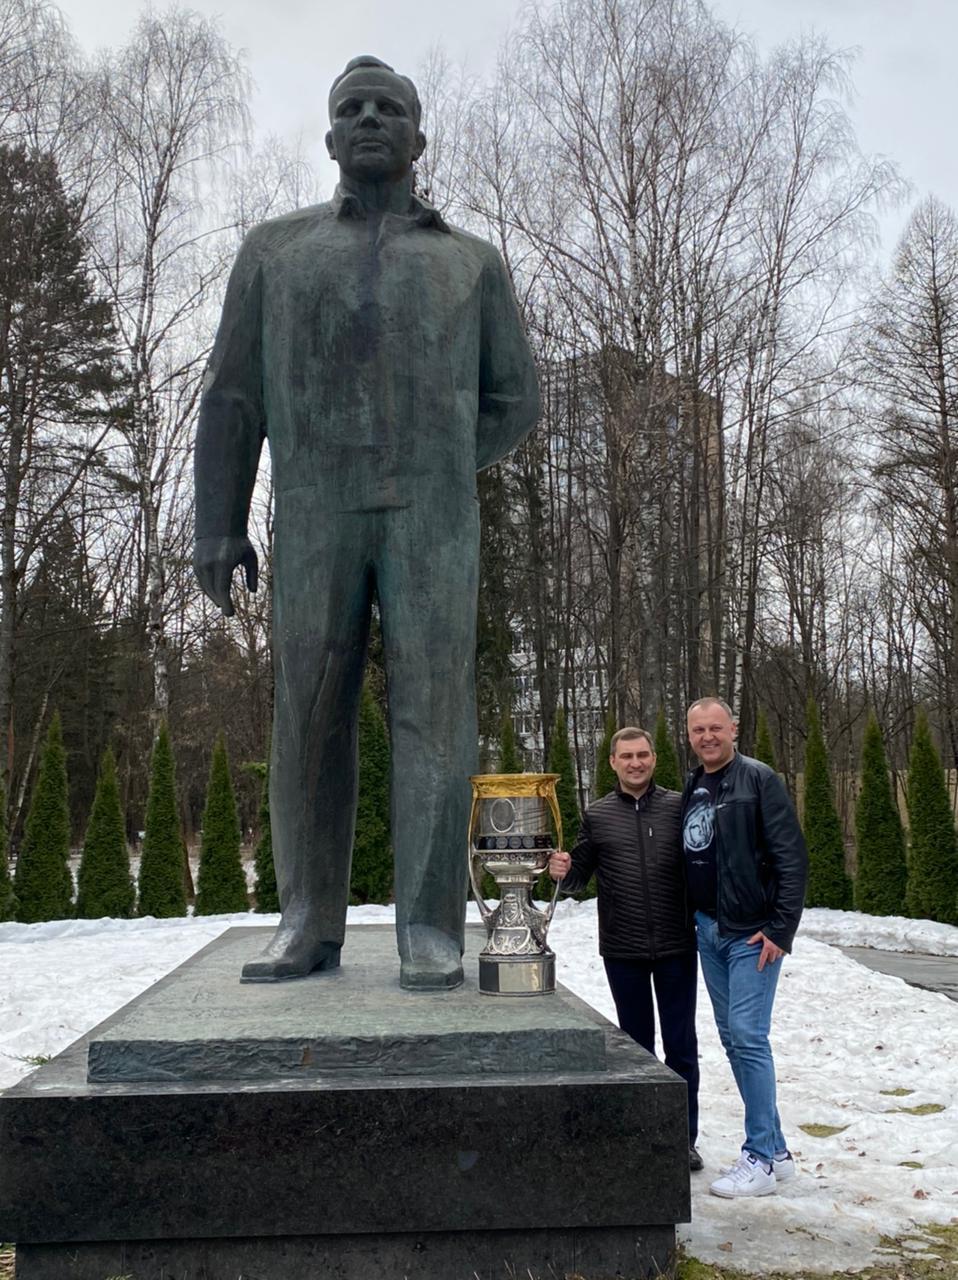 Евгений Баришевский и Максим Ястребов рядом с памятником Юрия Гагарина